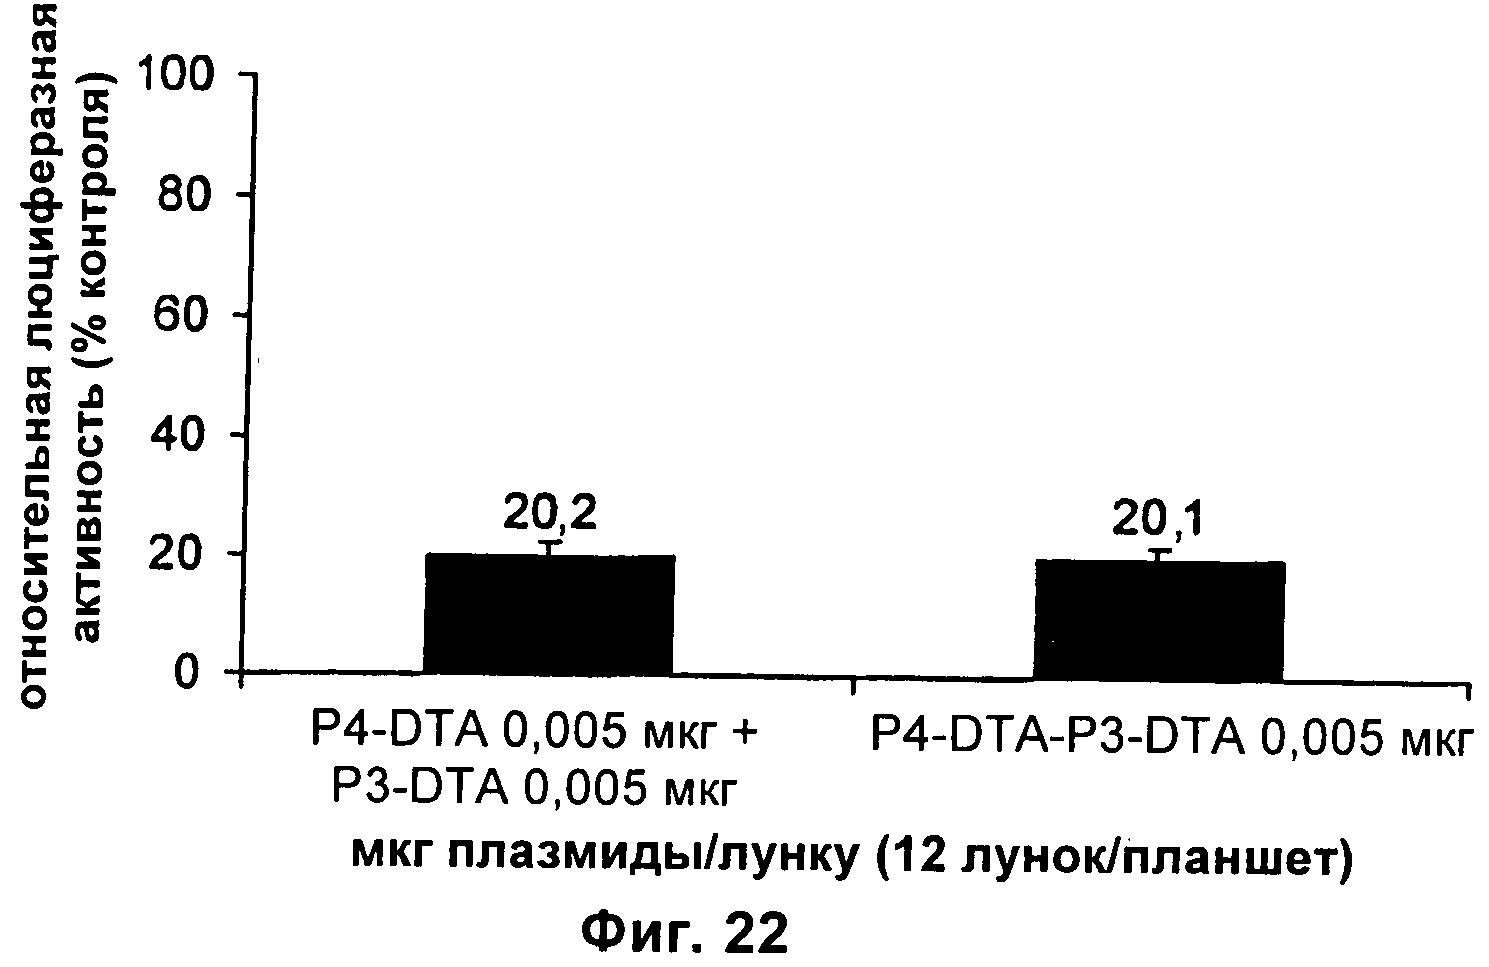 Конструкции, содержащие составные экспрессионные кассеты, для терапии рака